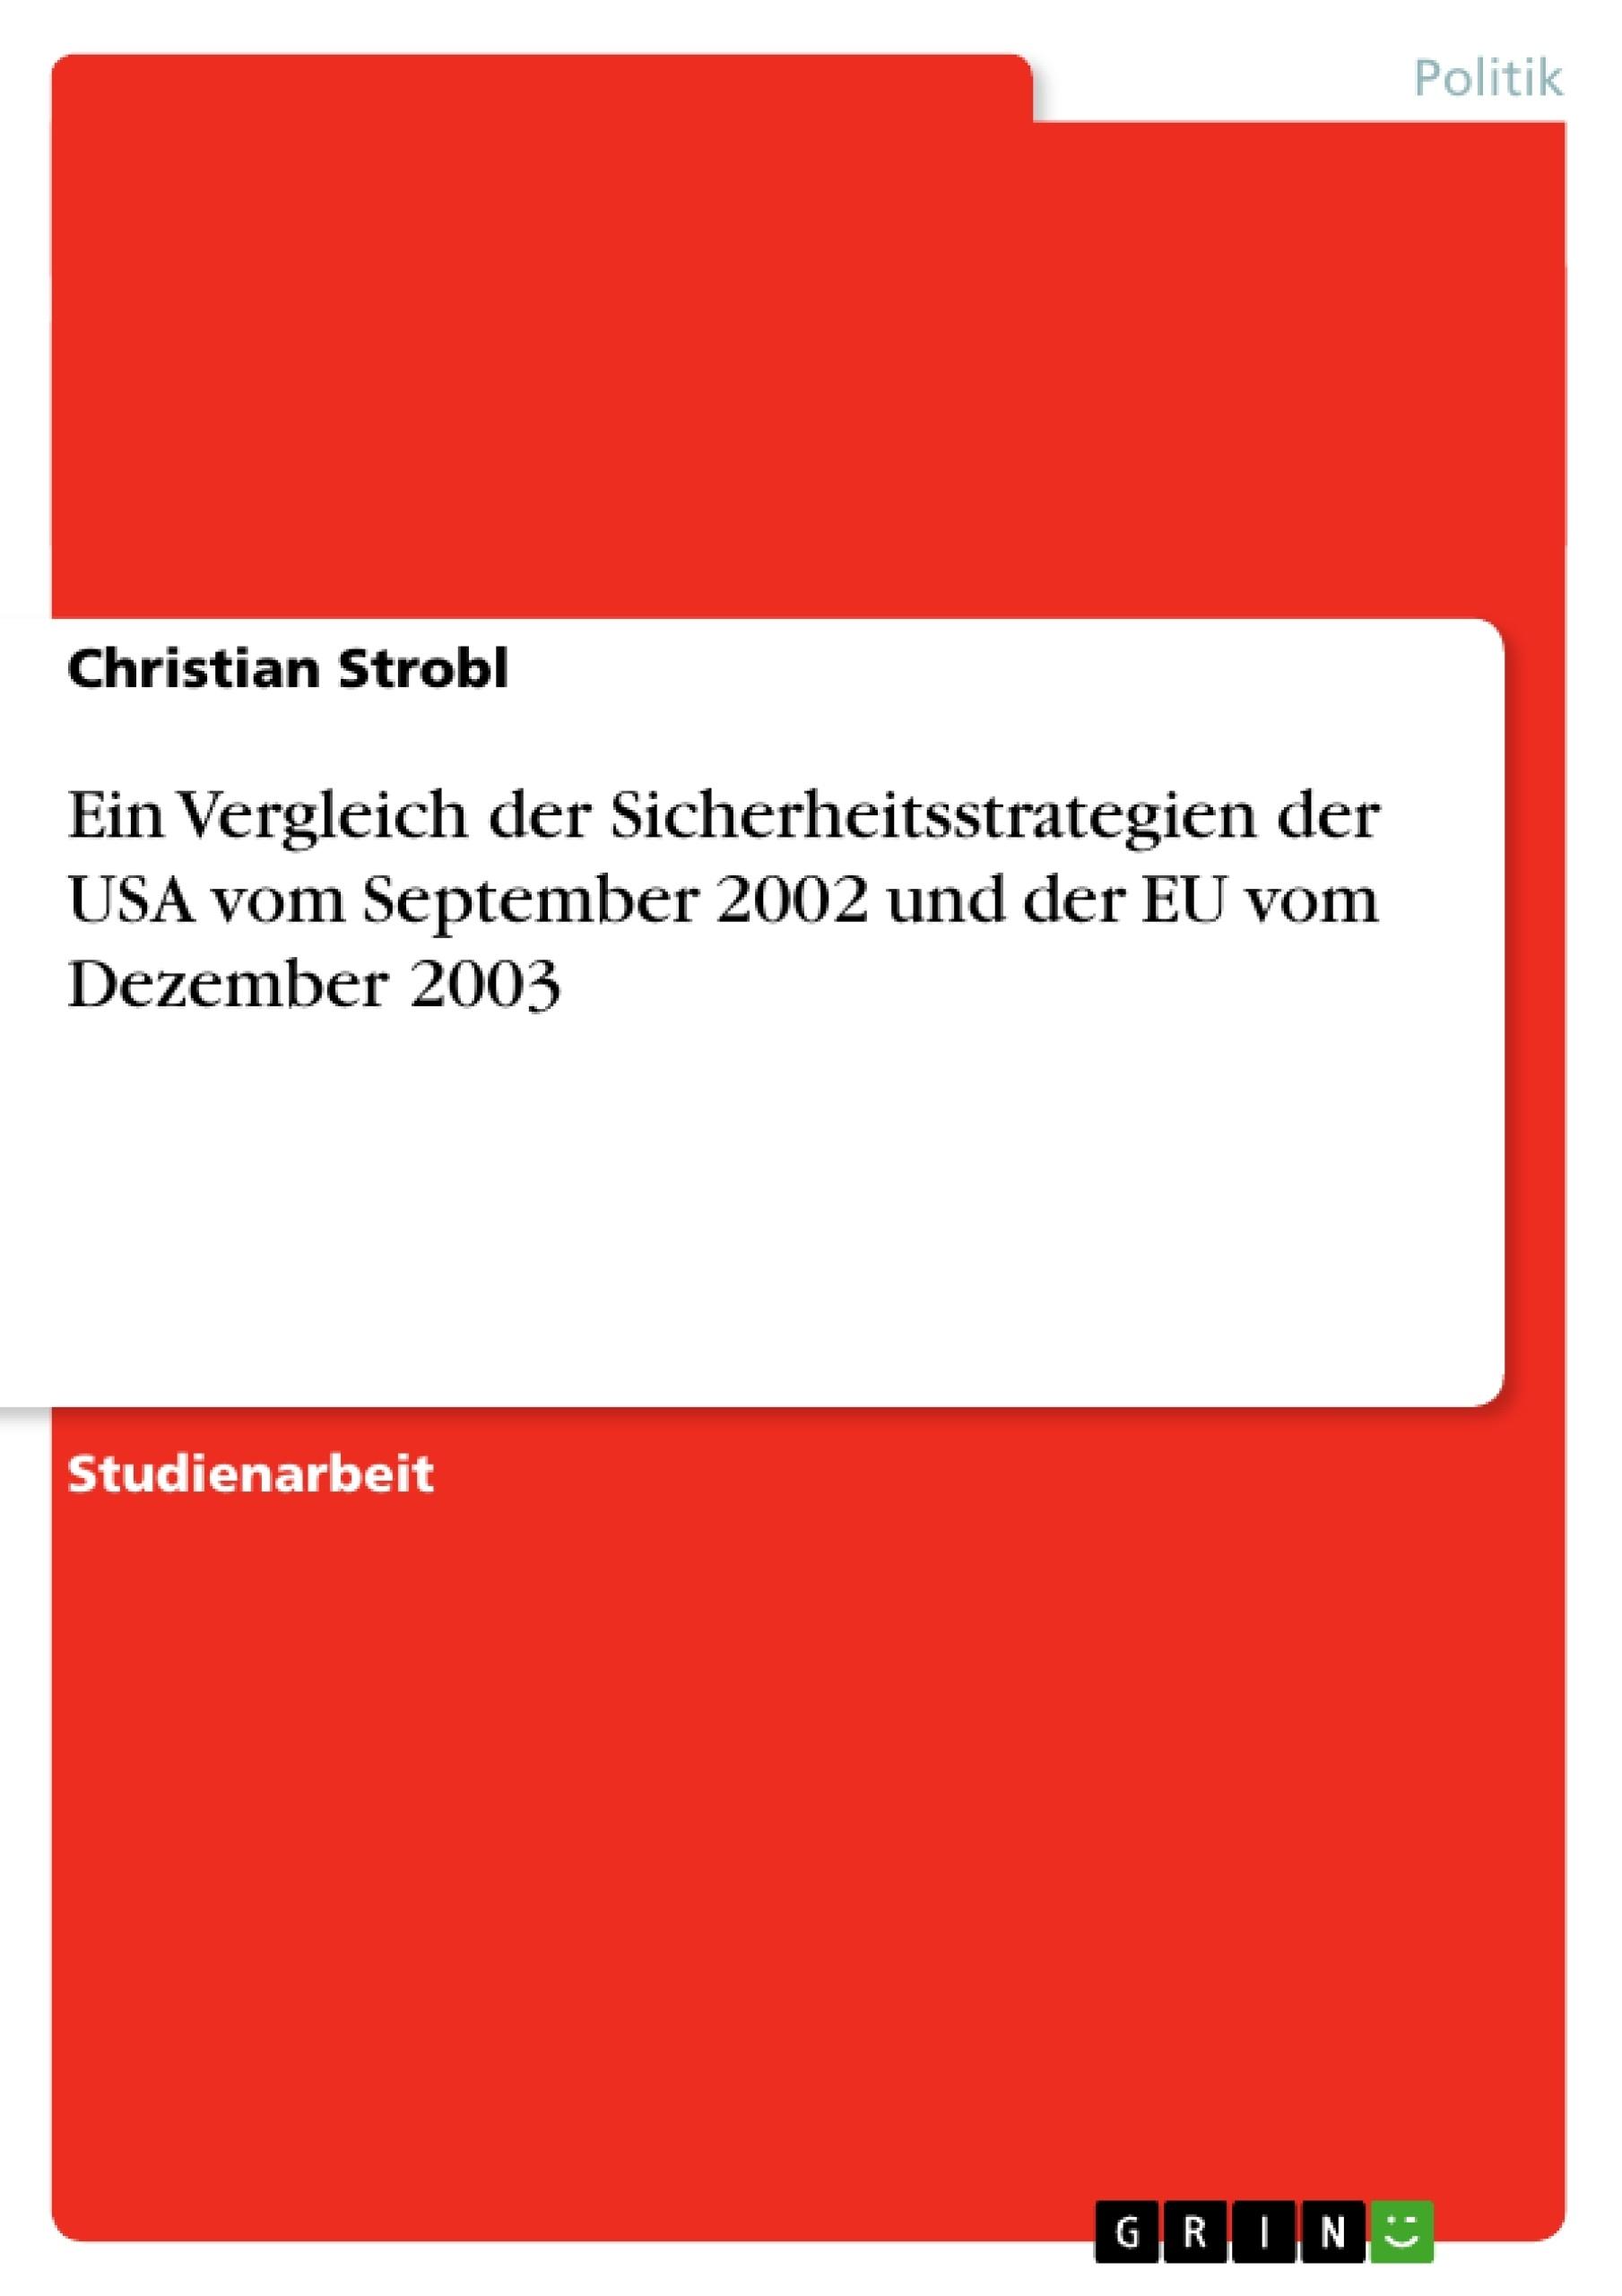 Titel: Ein Vergleich der Sicherheitsstrategien der USA vom September 2002 und der EU vom Dezember 2003